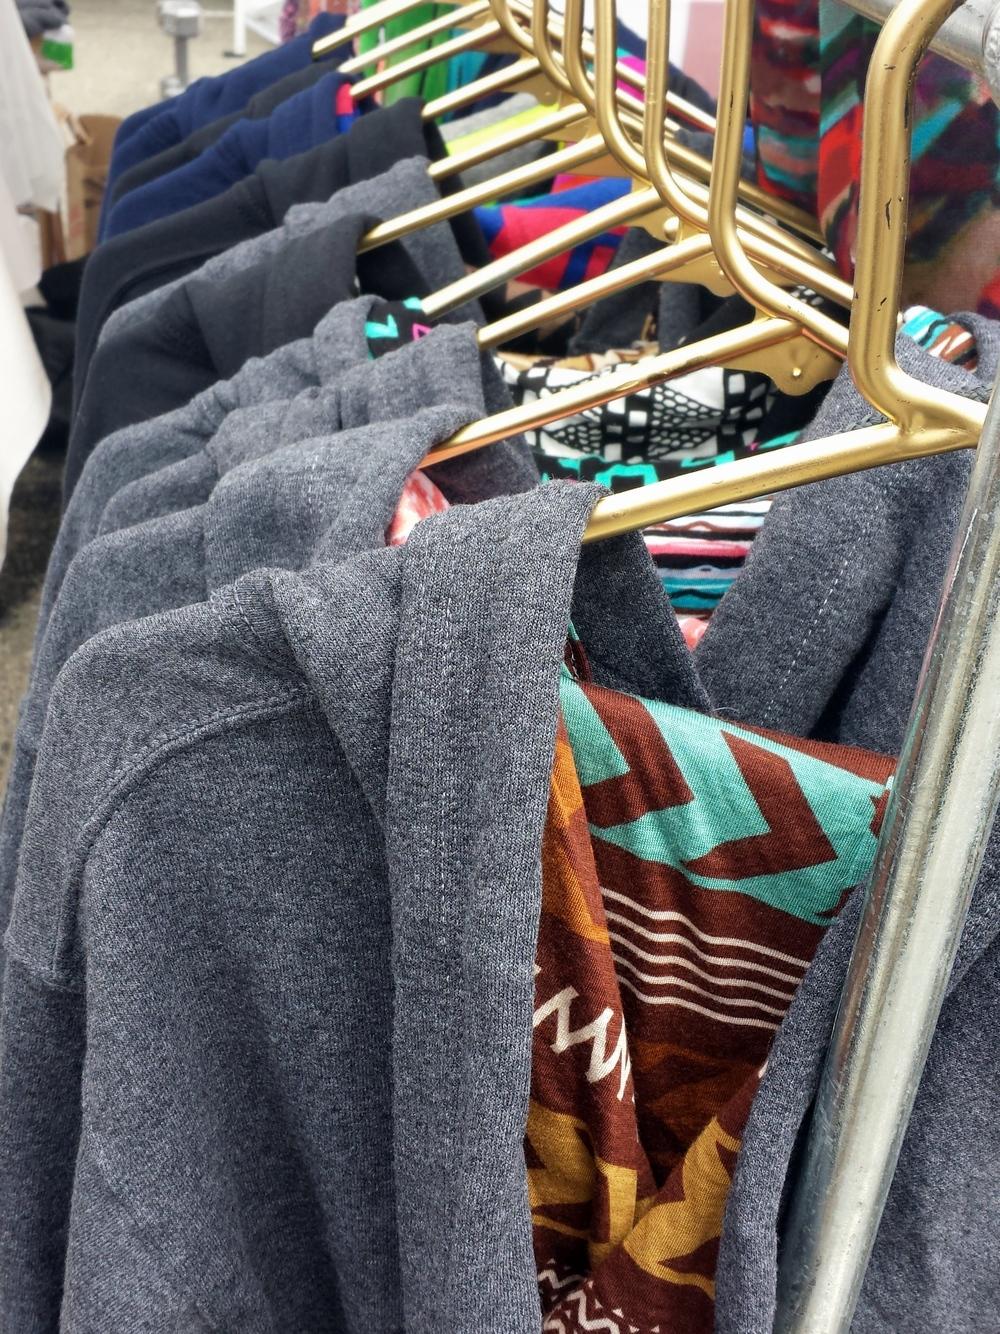 hoodies (coming soon!)